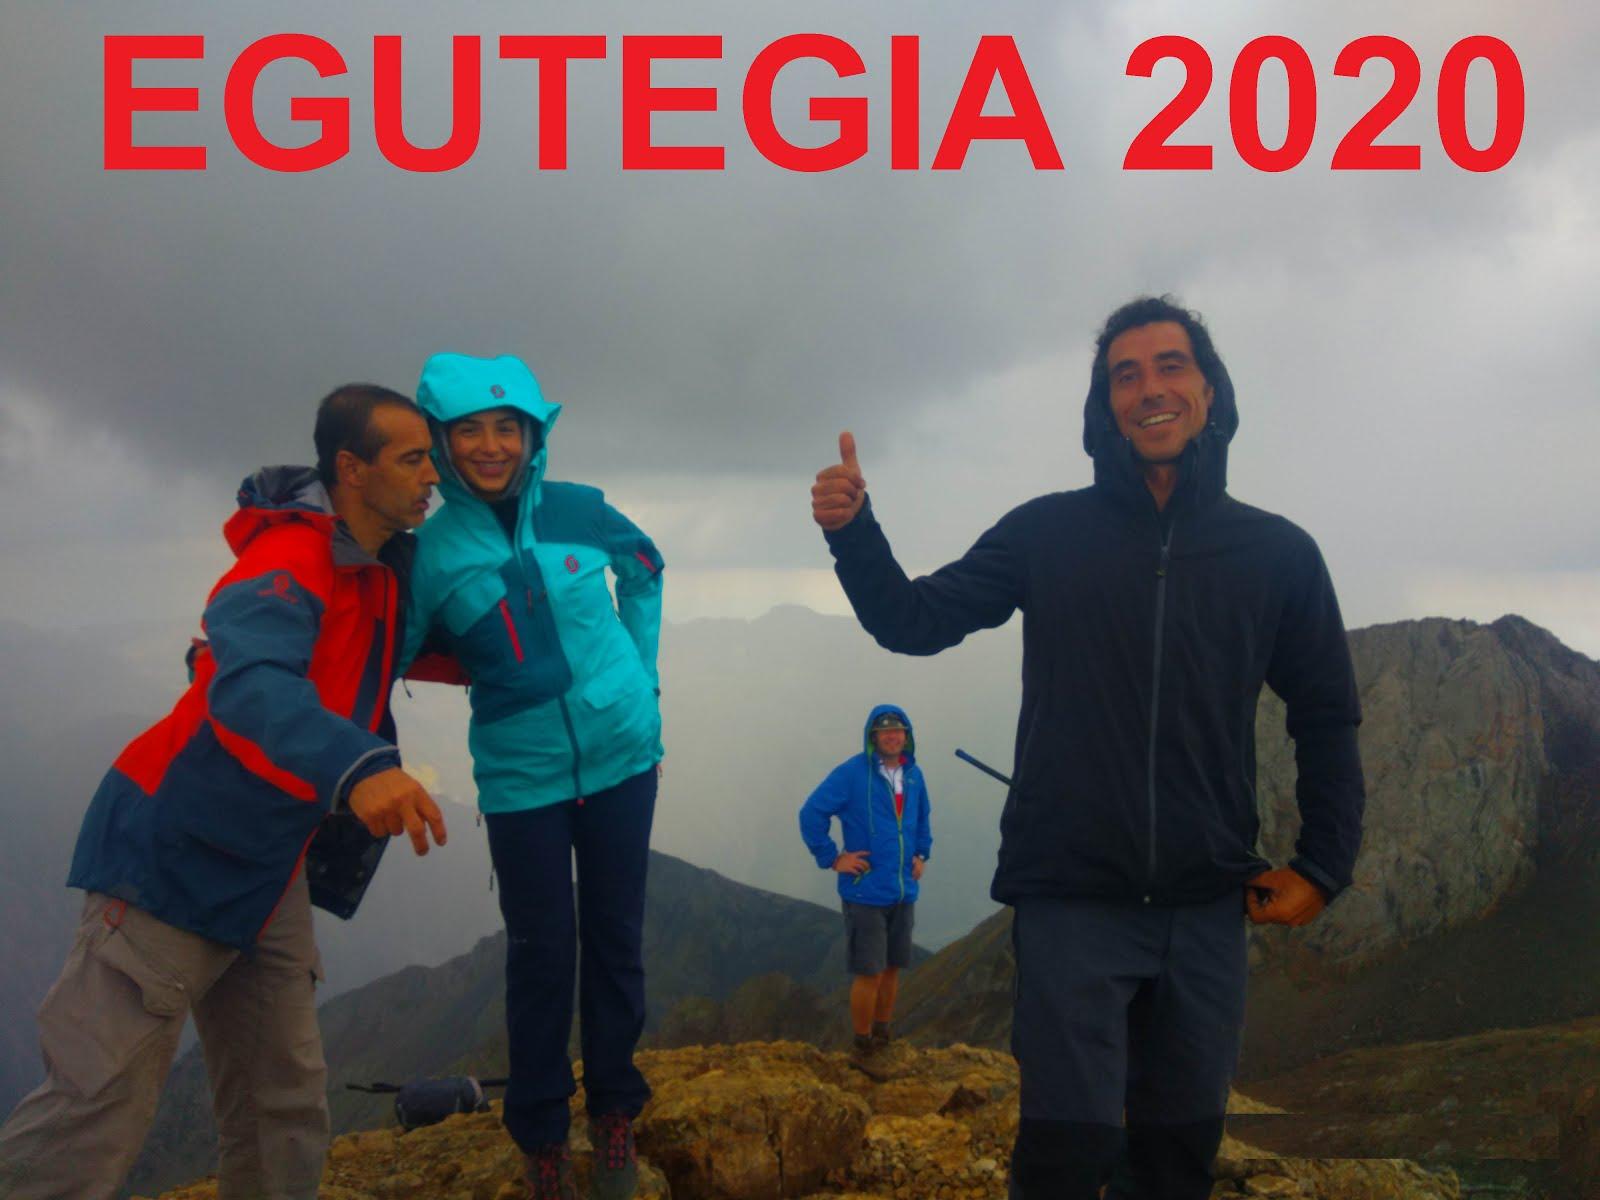 Egutegia / Calendario 2020